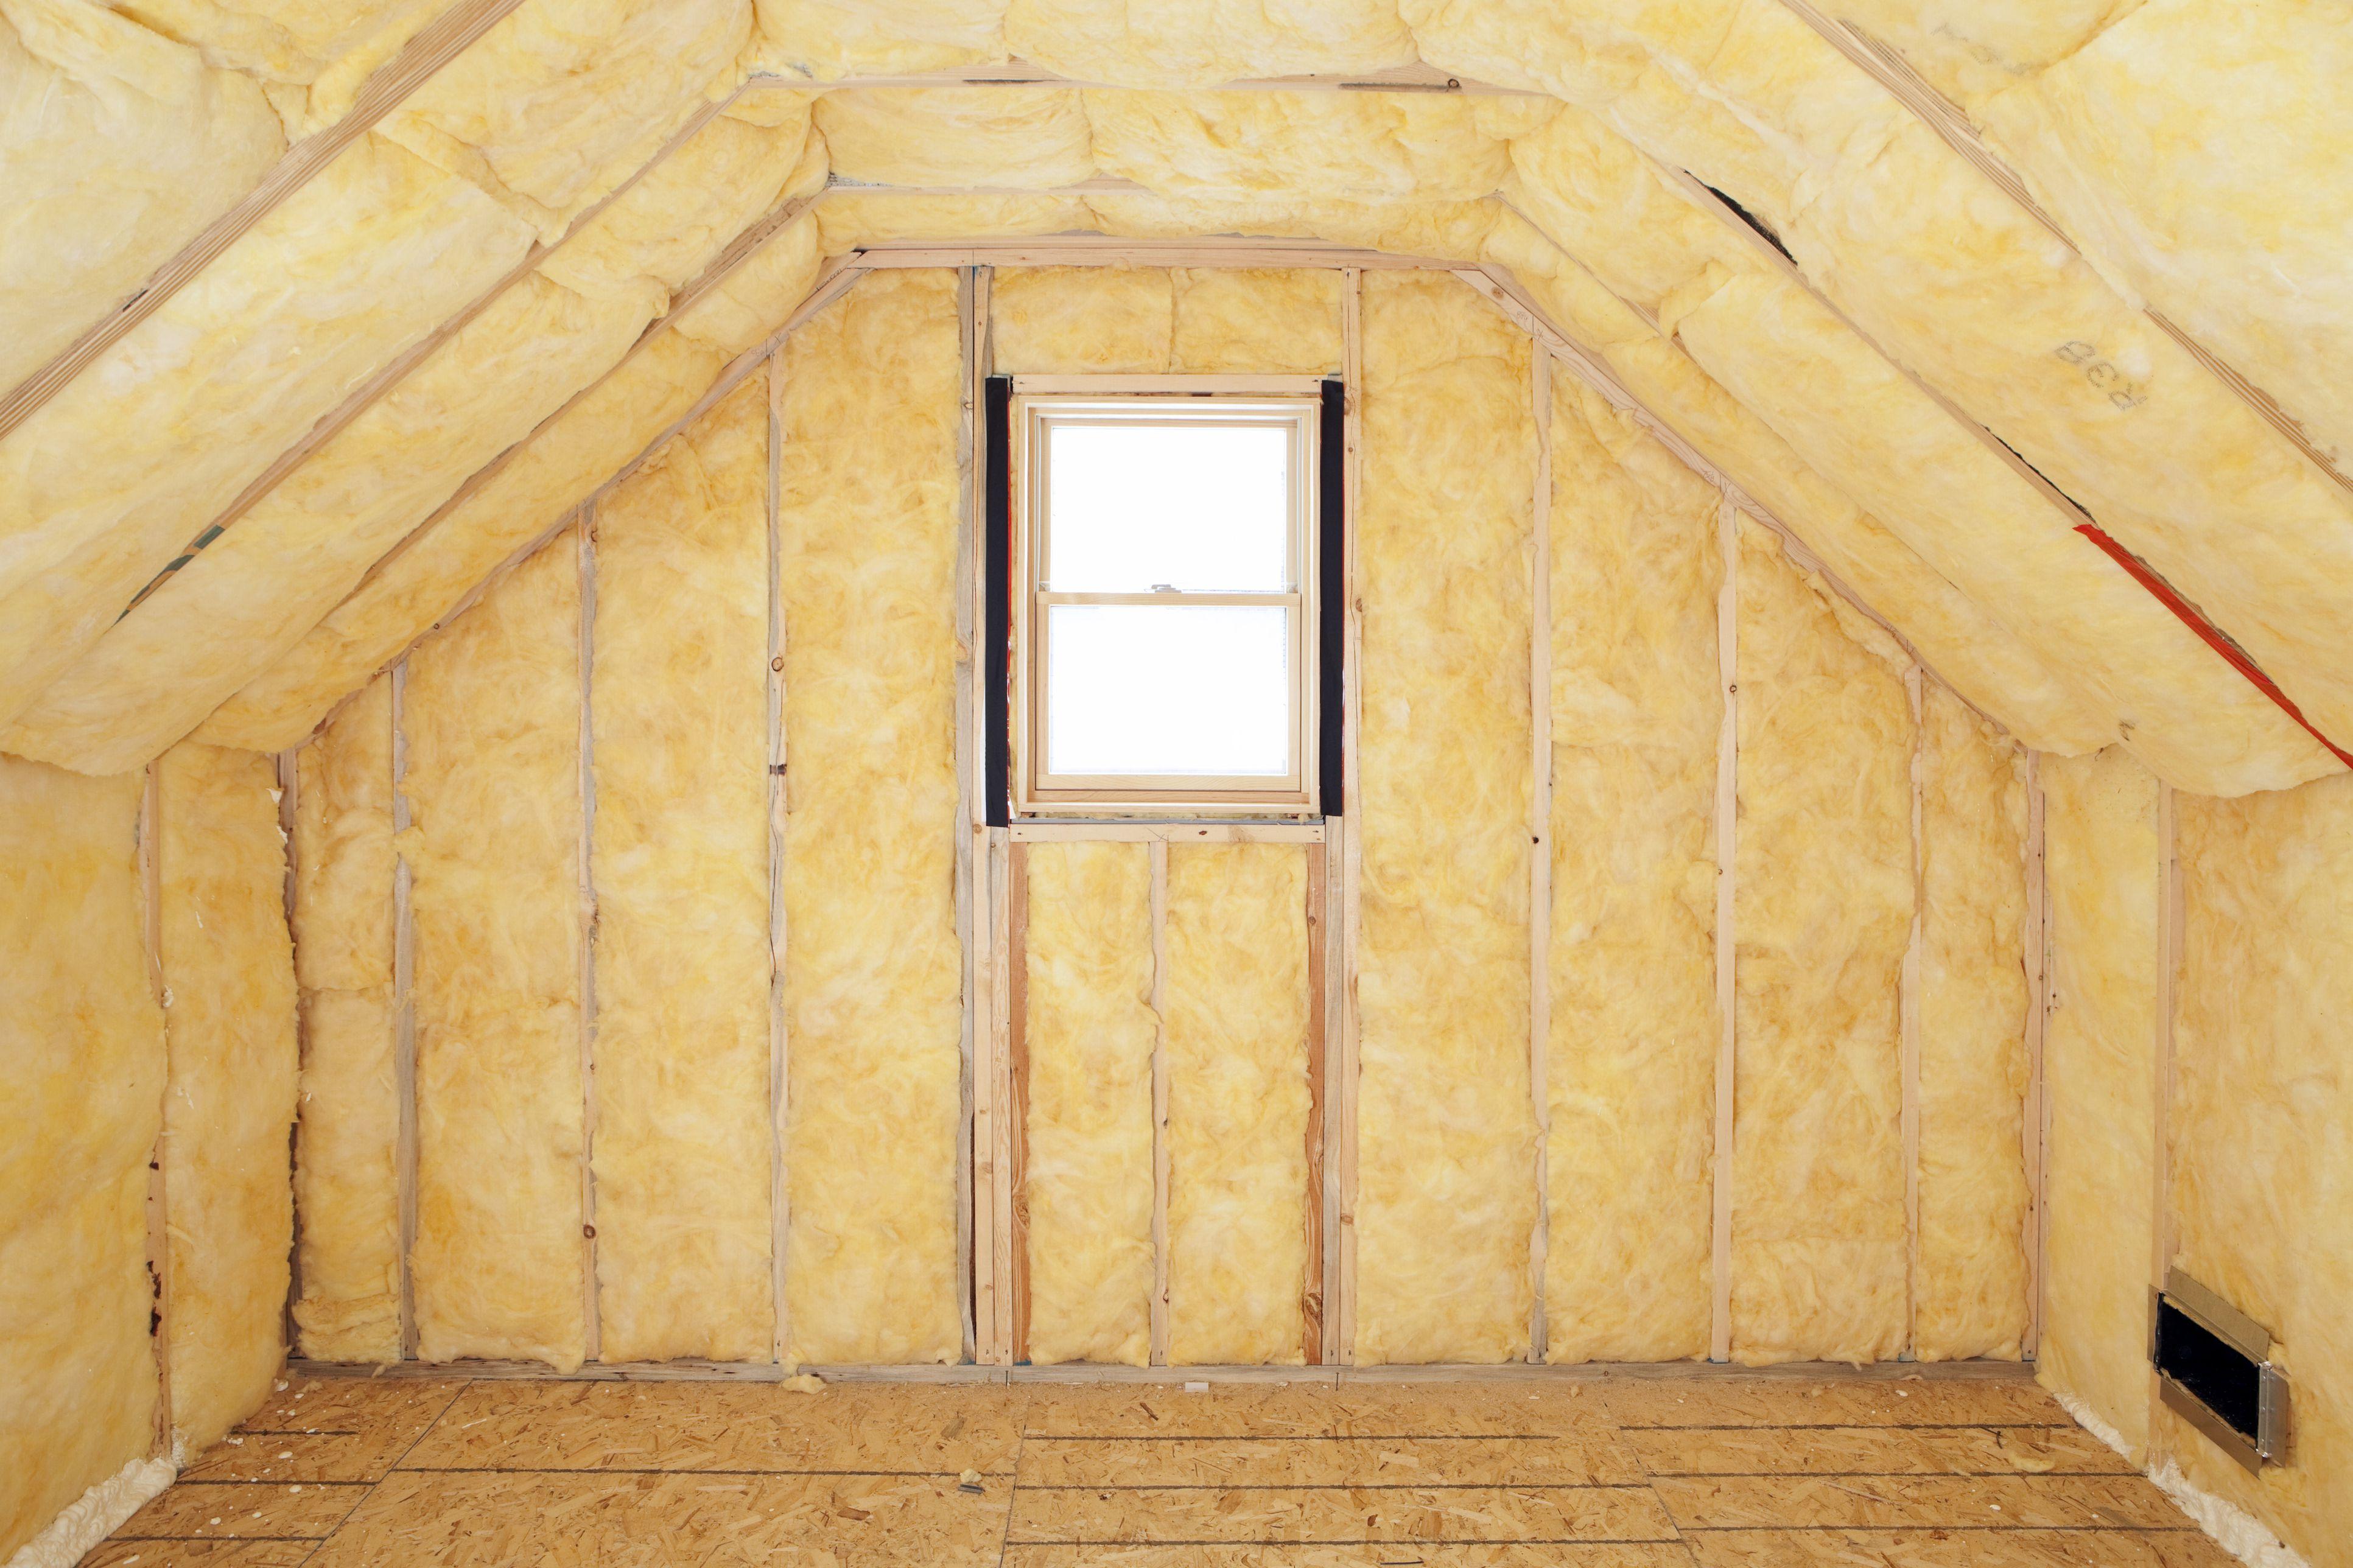 How To Build Attic Flooring